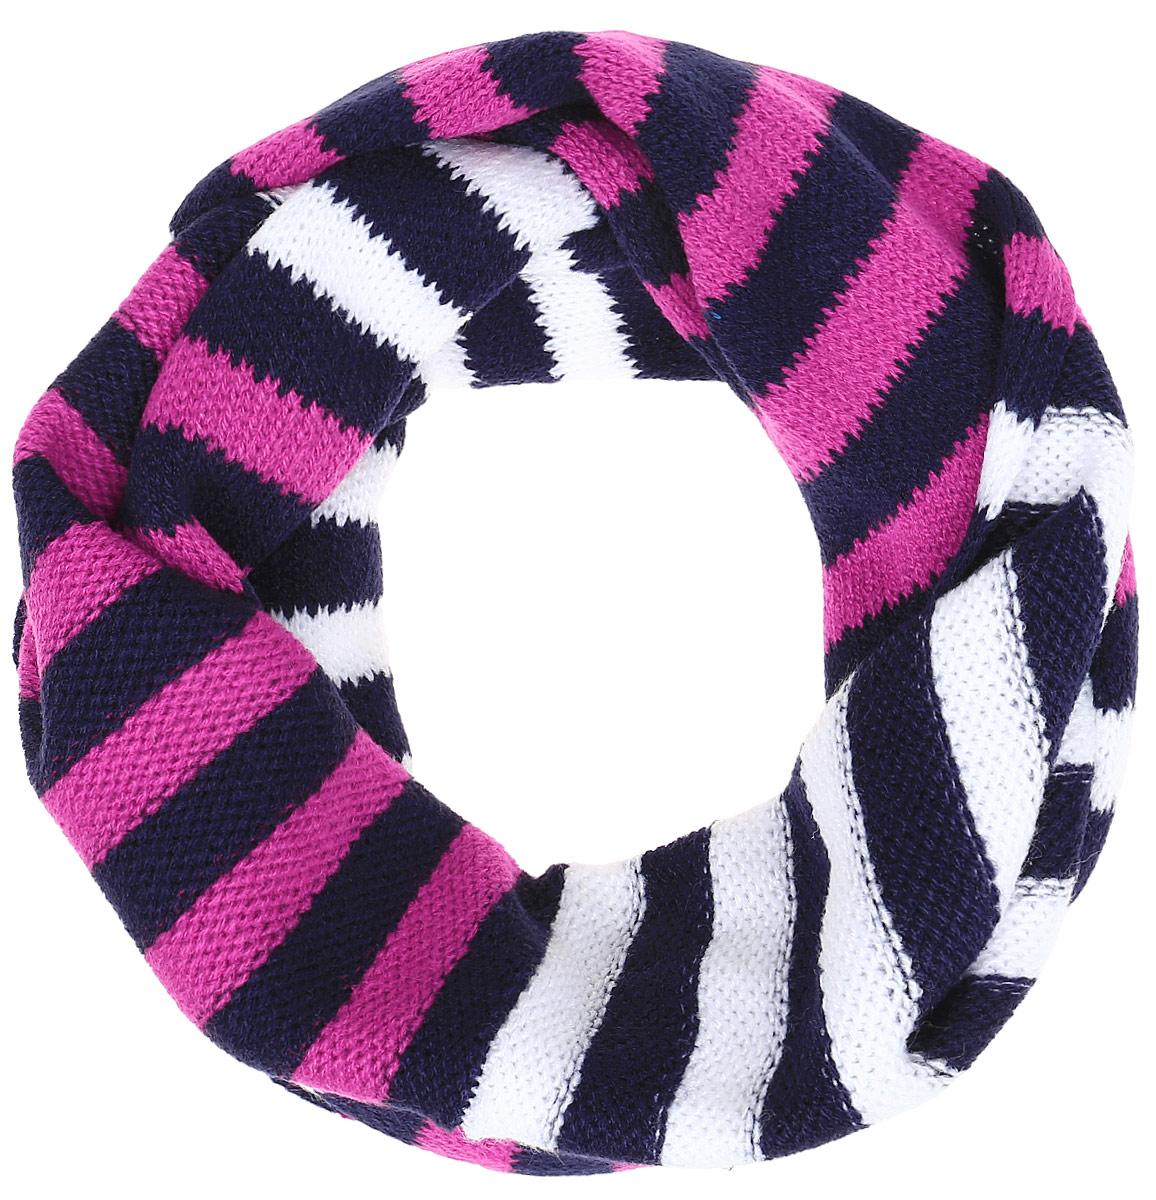 Шарф для девочки PlayToday, цвет: темно-синий, белый, розовый. 372180. Размер 130 х 15 см372180